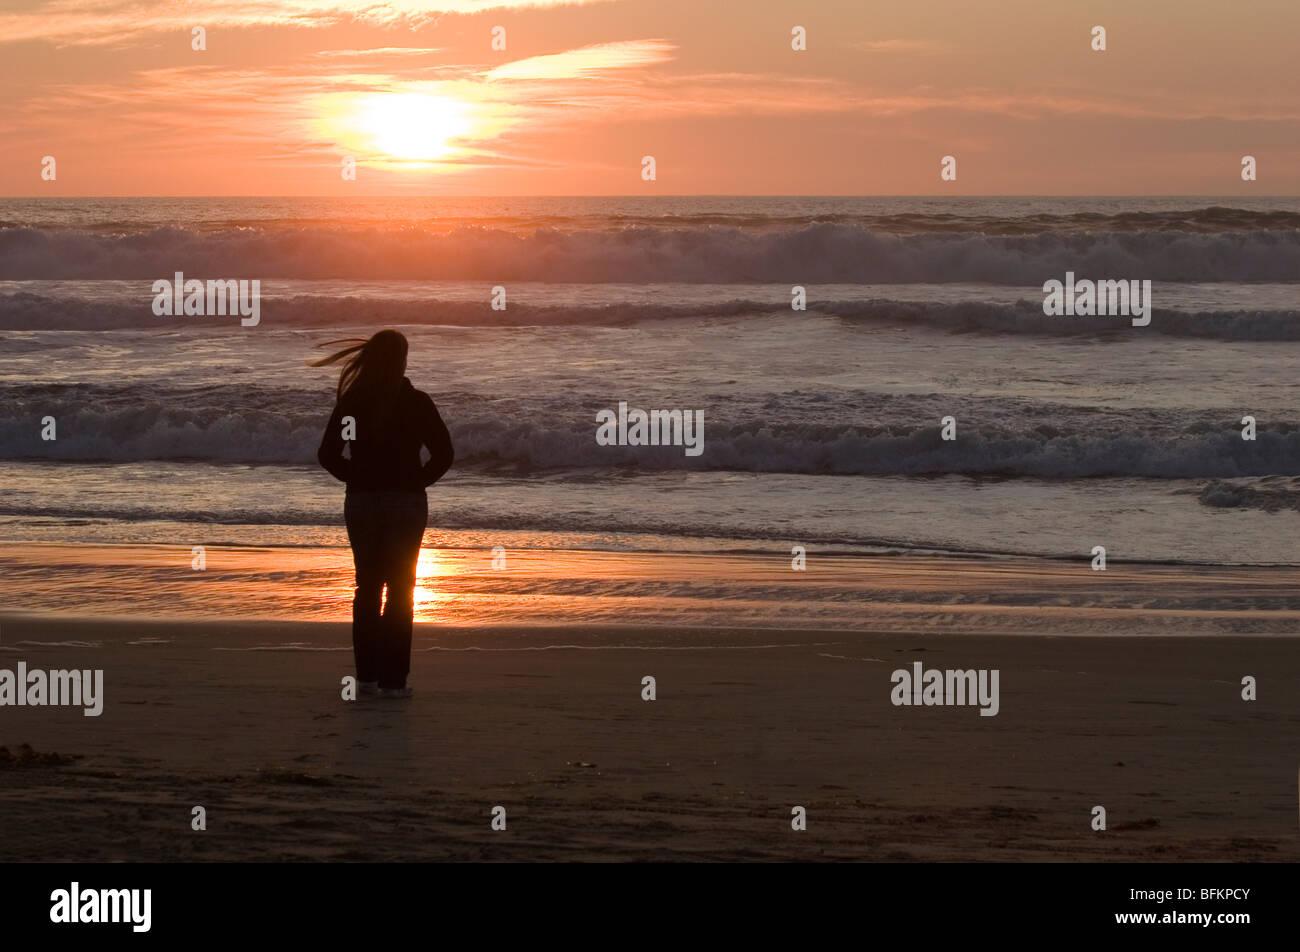 Un anonimo donna visto in silhouette in piedi su una spiaggia al tramonto, i suoi capelli al vento. Foto Stock